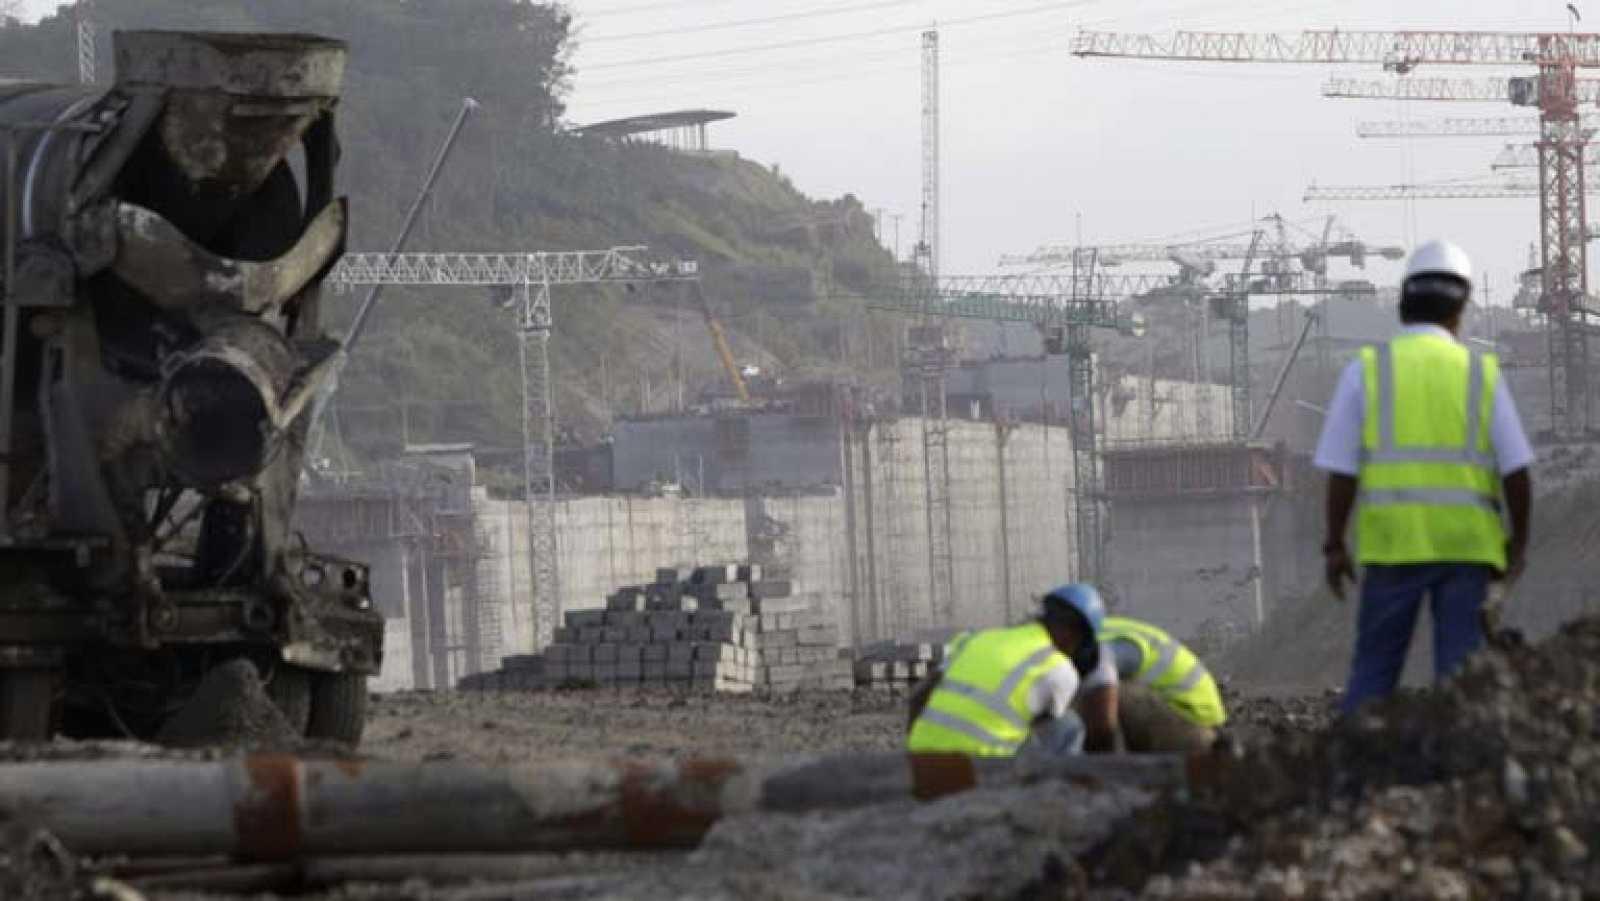 El consorcio a cargo de la ampliación del Canal de Panamá pide un adelanto de 300 millones de euros